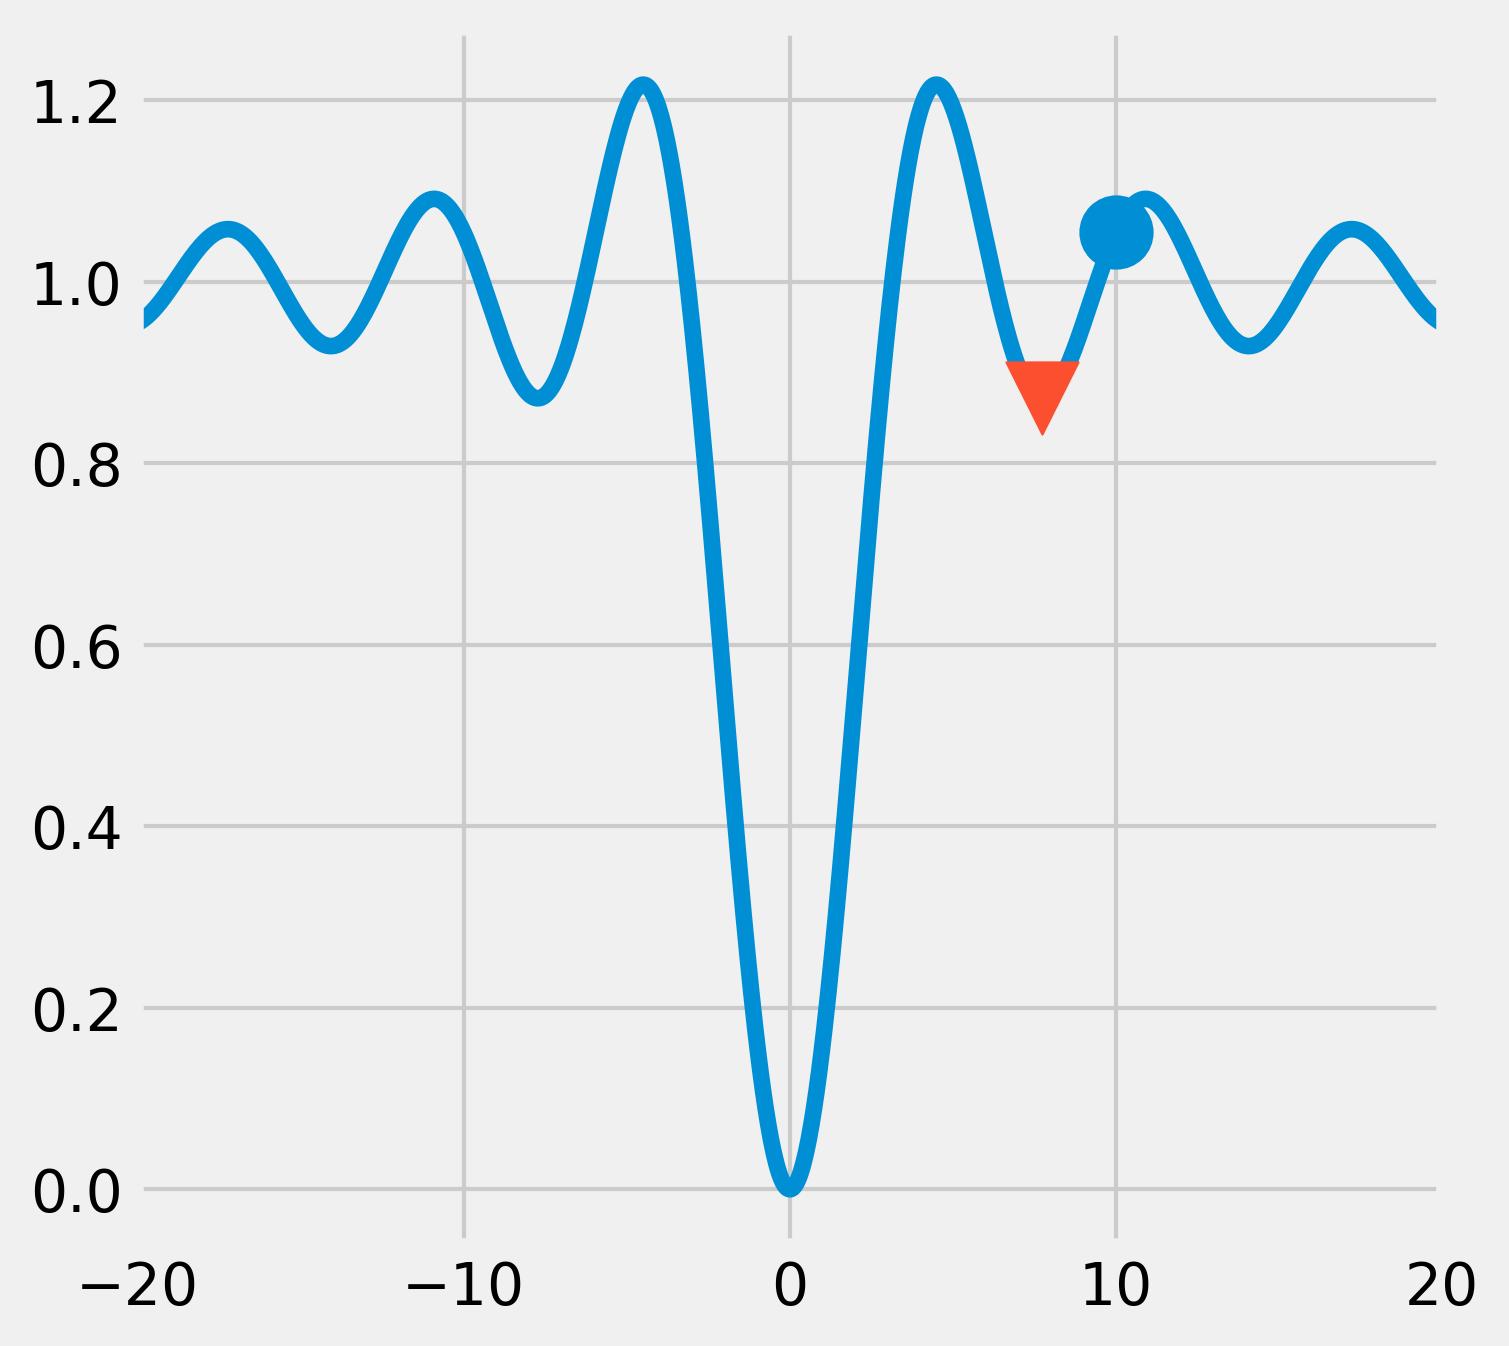 <matplotlib.figure.Figure at 0x73d9080>